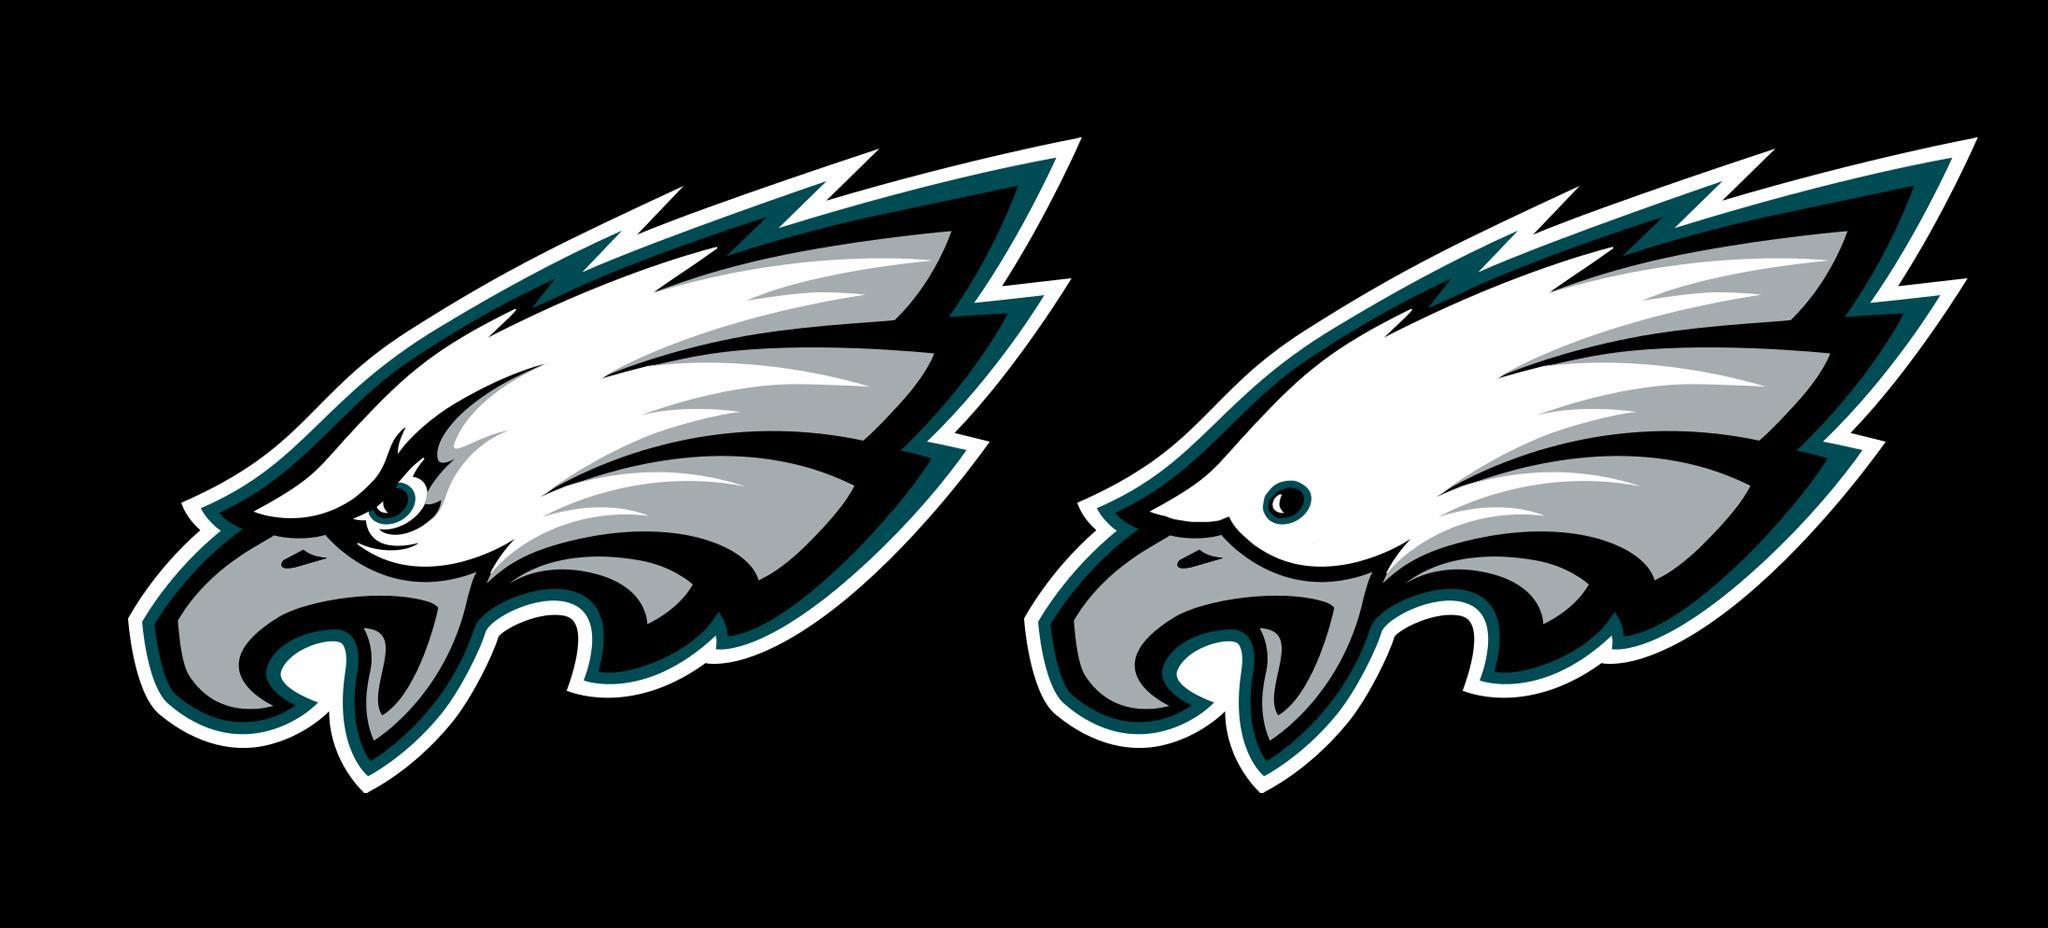 The Philadelphia Eagles logo without eyebrows : eagles.